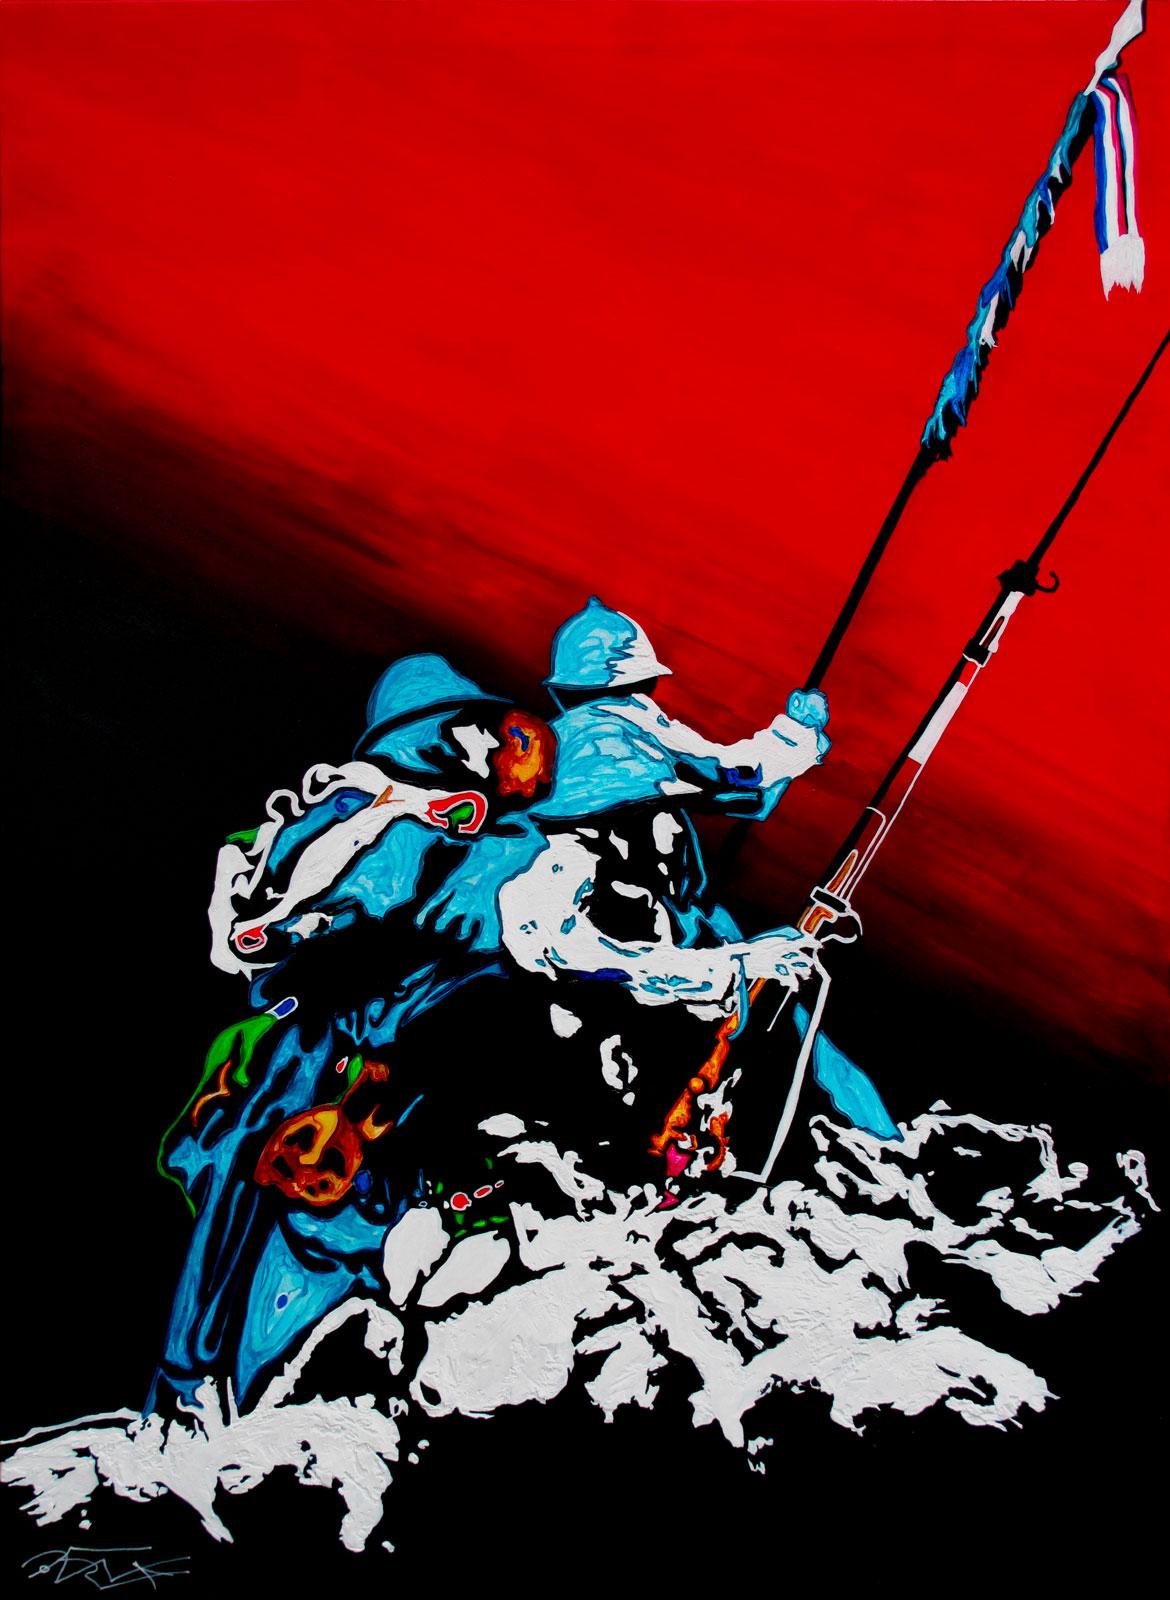 Leurs dernières secondes Armée de terre Acrylique sur panneau alvéolaire 100x73 Peintures armée de terre